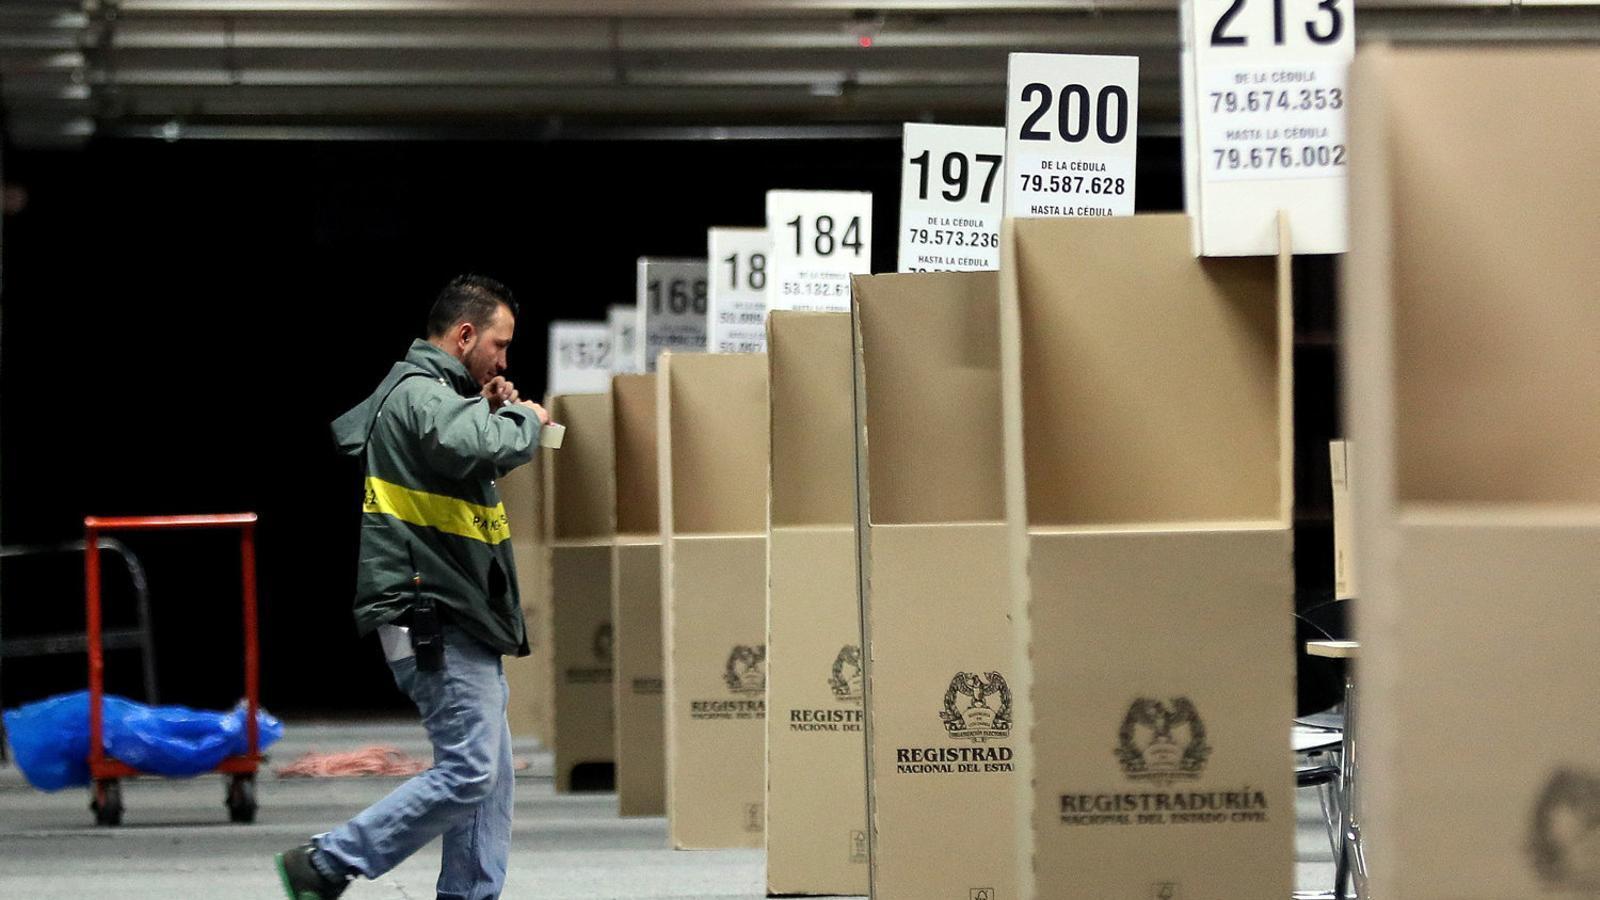 Preparatius per a la segona volta de les presidencials en un dels col·legis electorals més importants de Bogotà.